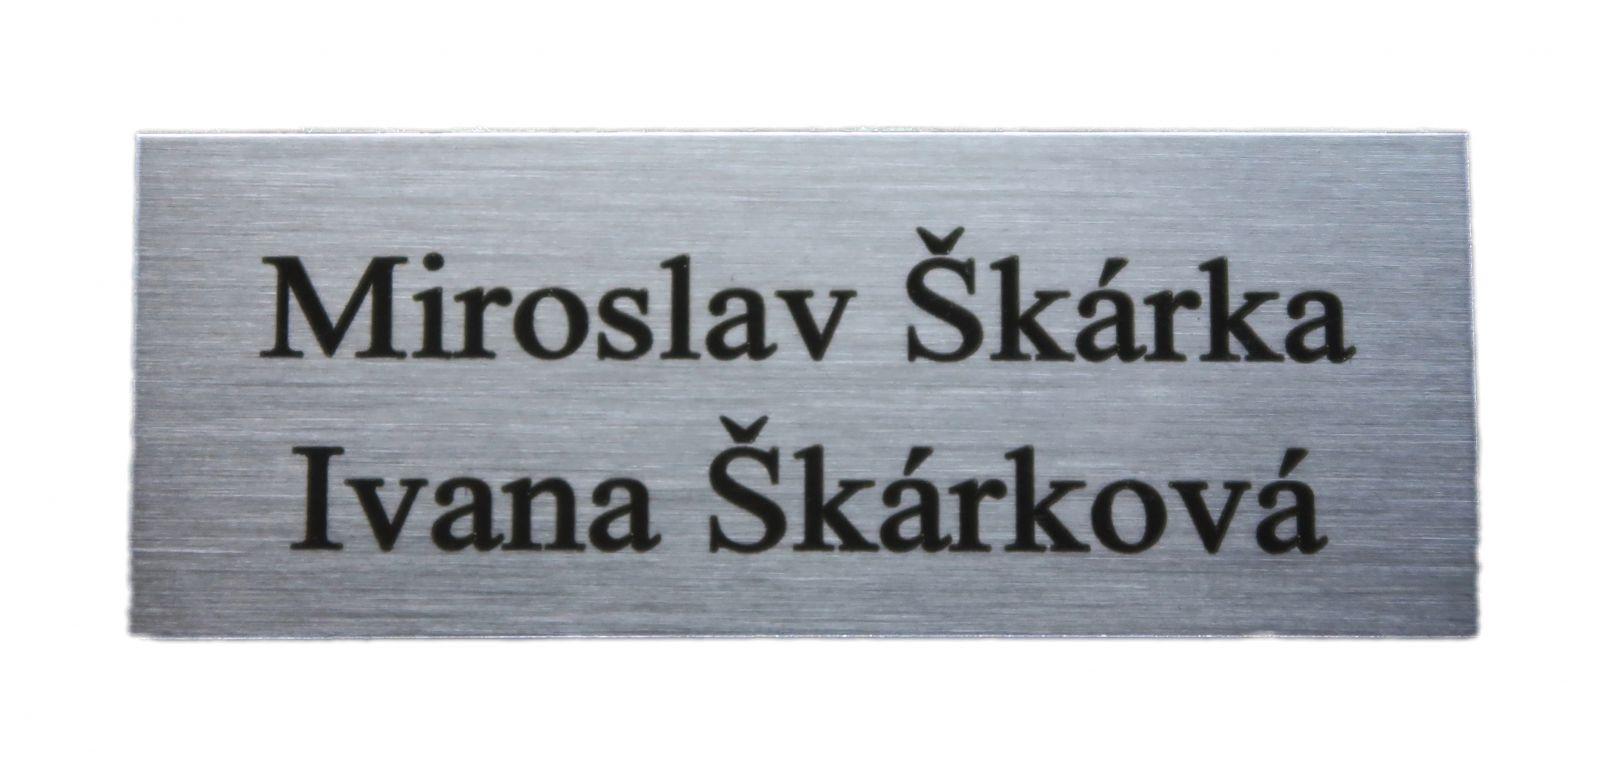 Mosazný stříbrný broušený dveřní štítek 100x40 mm